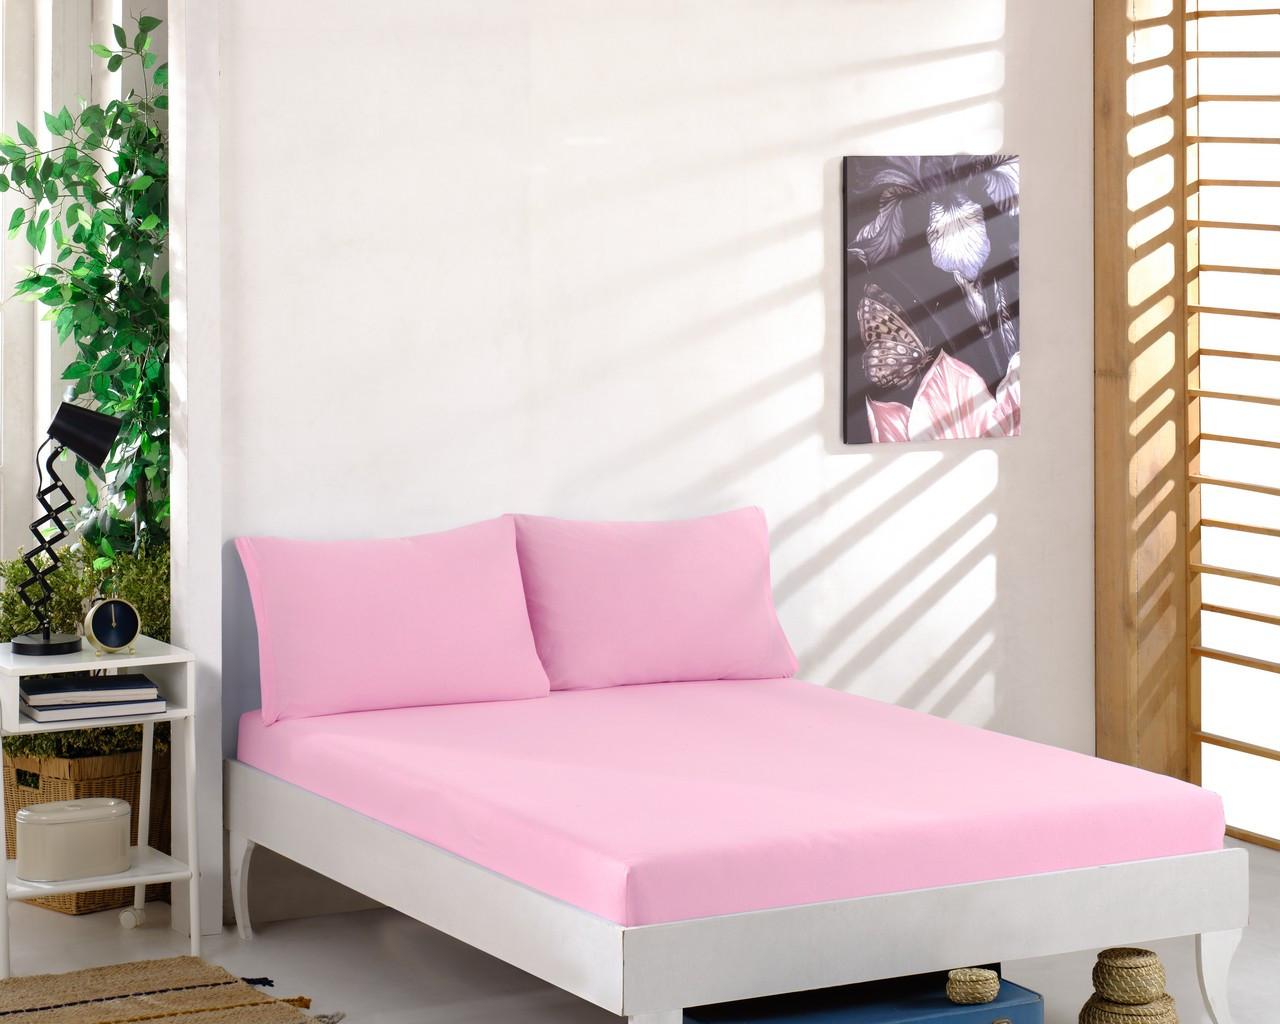 Простирадло трикотажна на резинці спальне місце 200 x 220 см, 2 наволочки 50*70 см Колір Рожевий